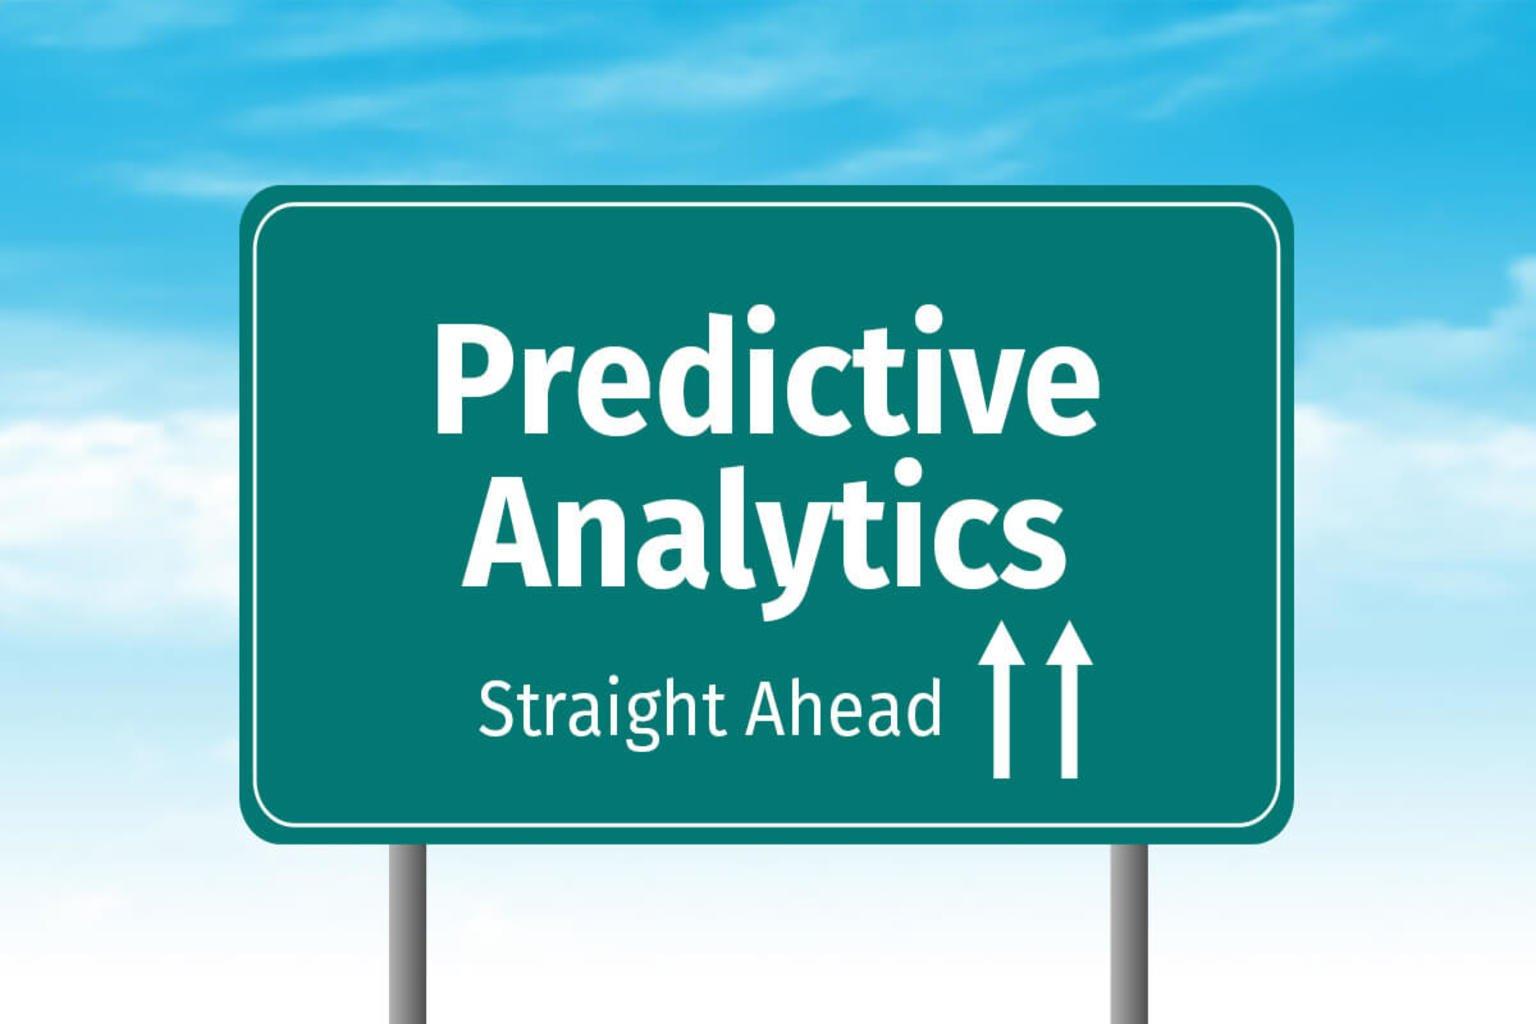 Predictive and Prescriptive Analytics